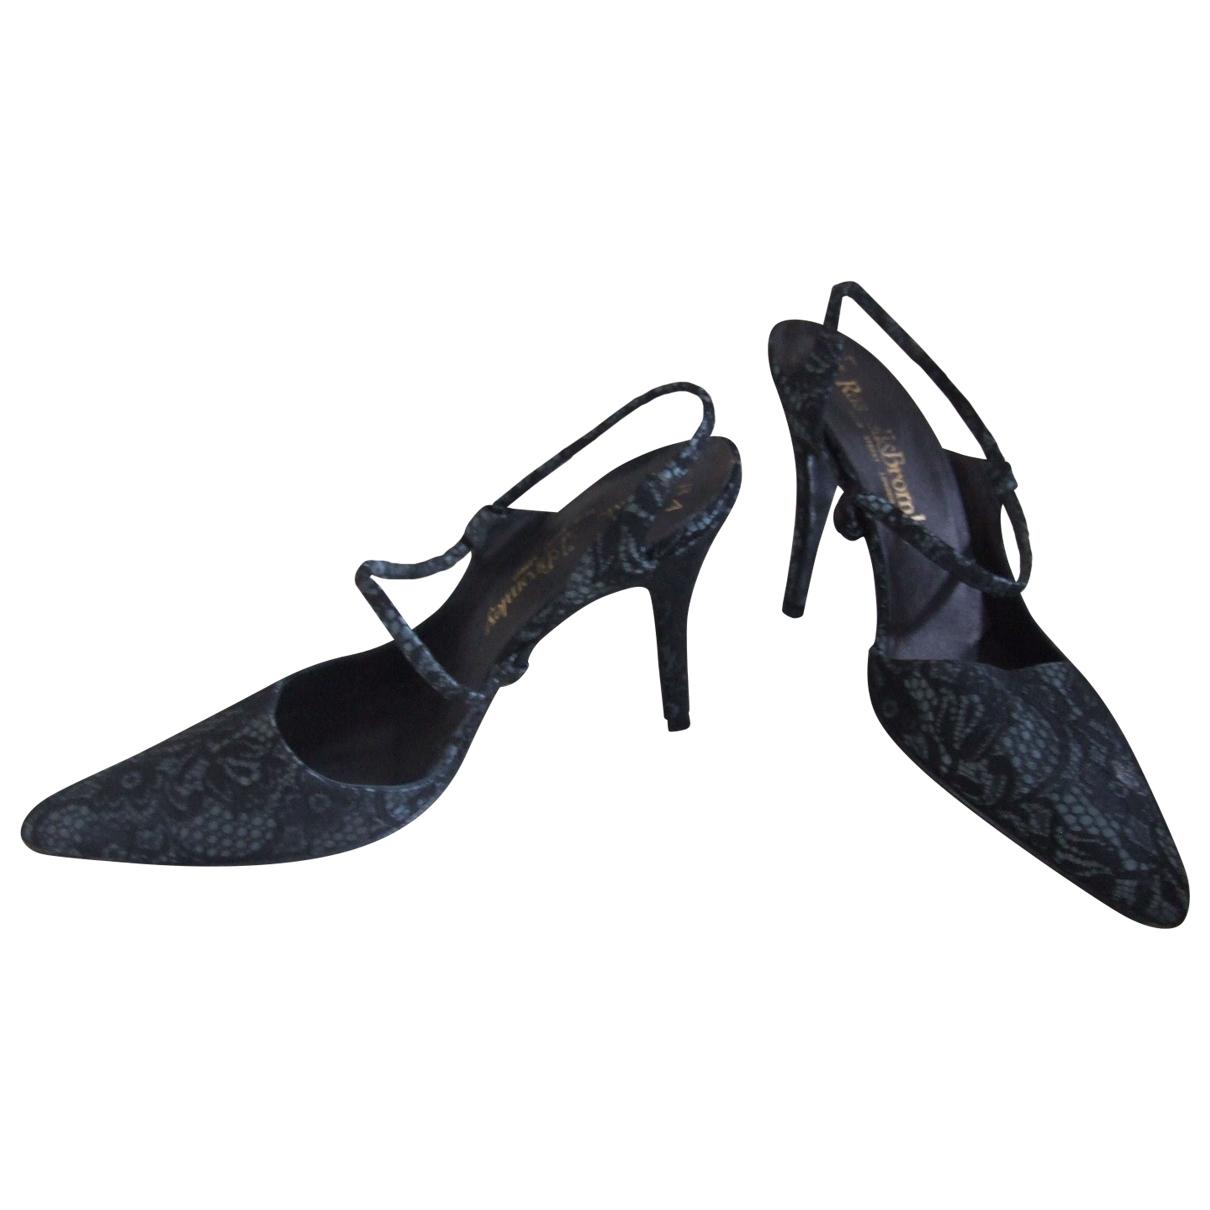 Russell & Bromley - Sandales   pour femme en toile - noir